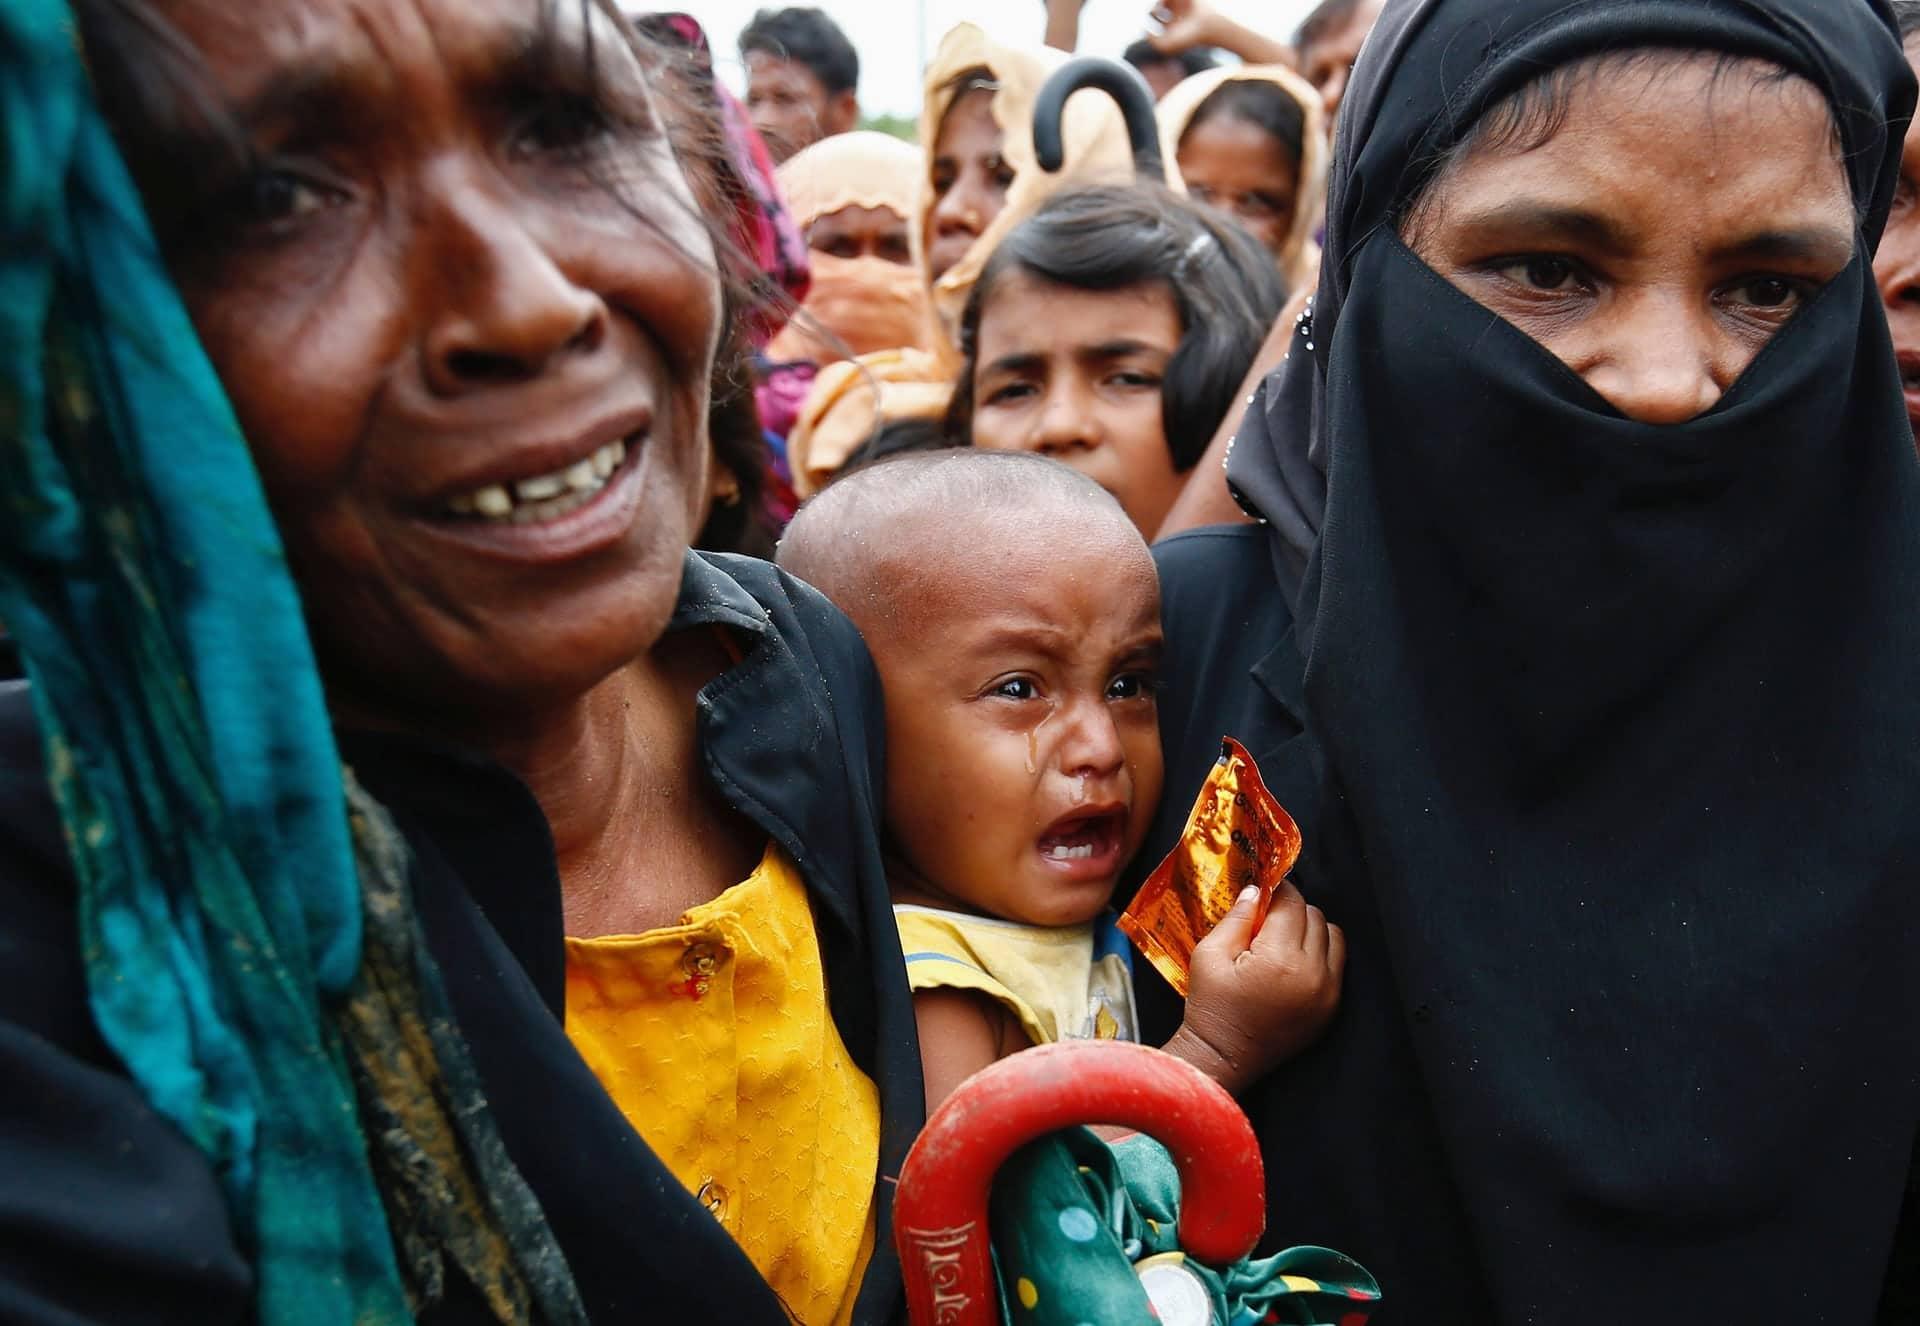 Un bambino rohingya piange nel campo profughi di Cox's Bazar, in Bangladesh